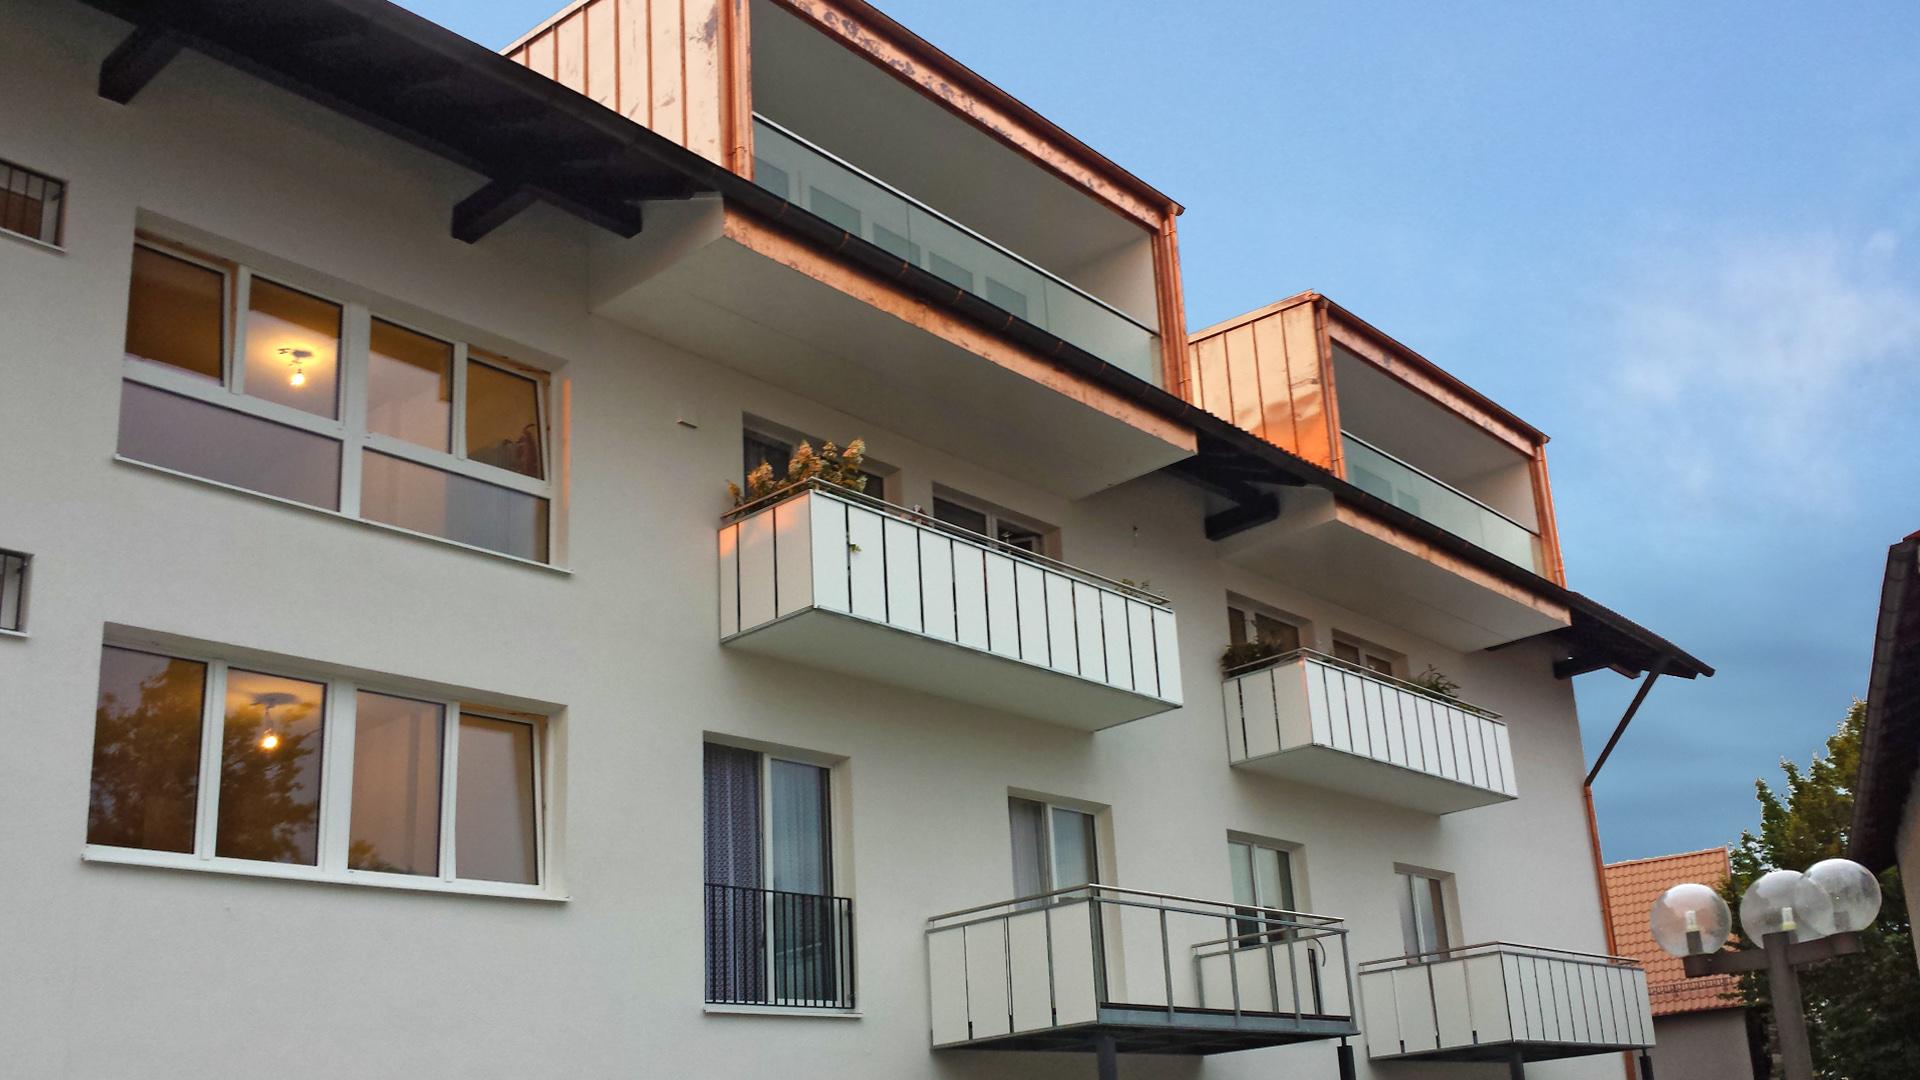 Dachgaube Modern dachgauben zimmerei maicher